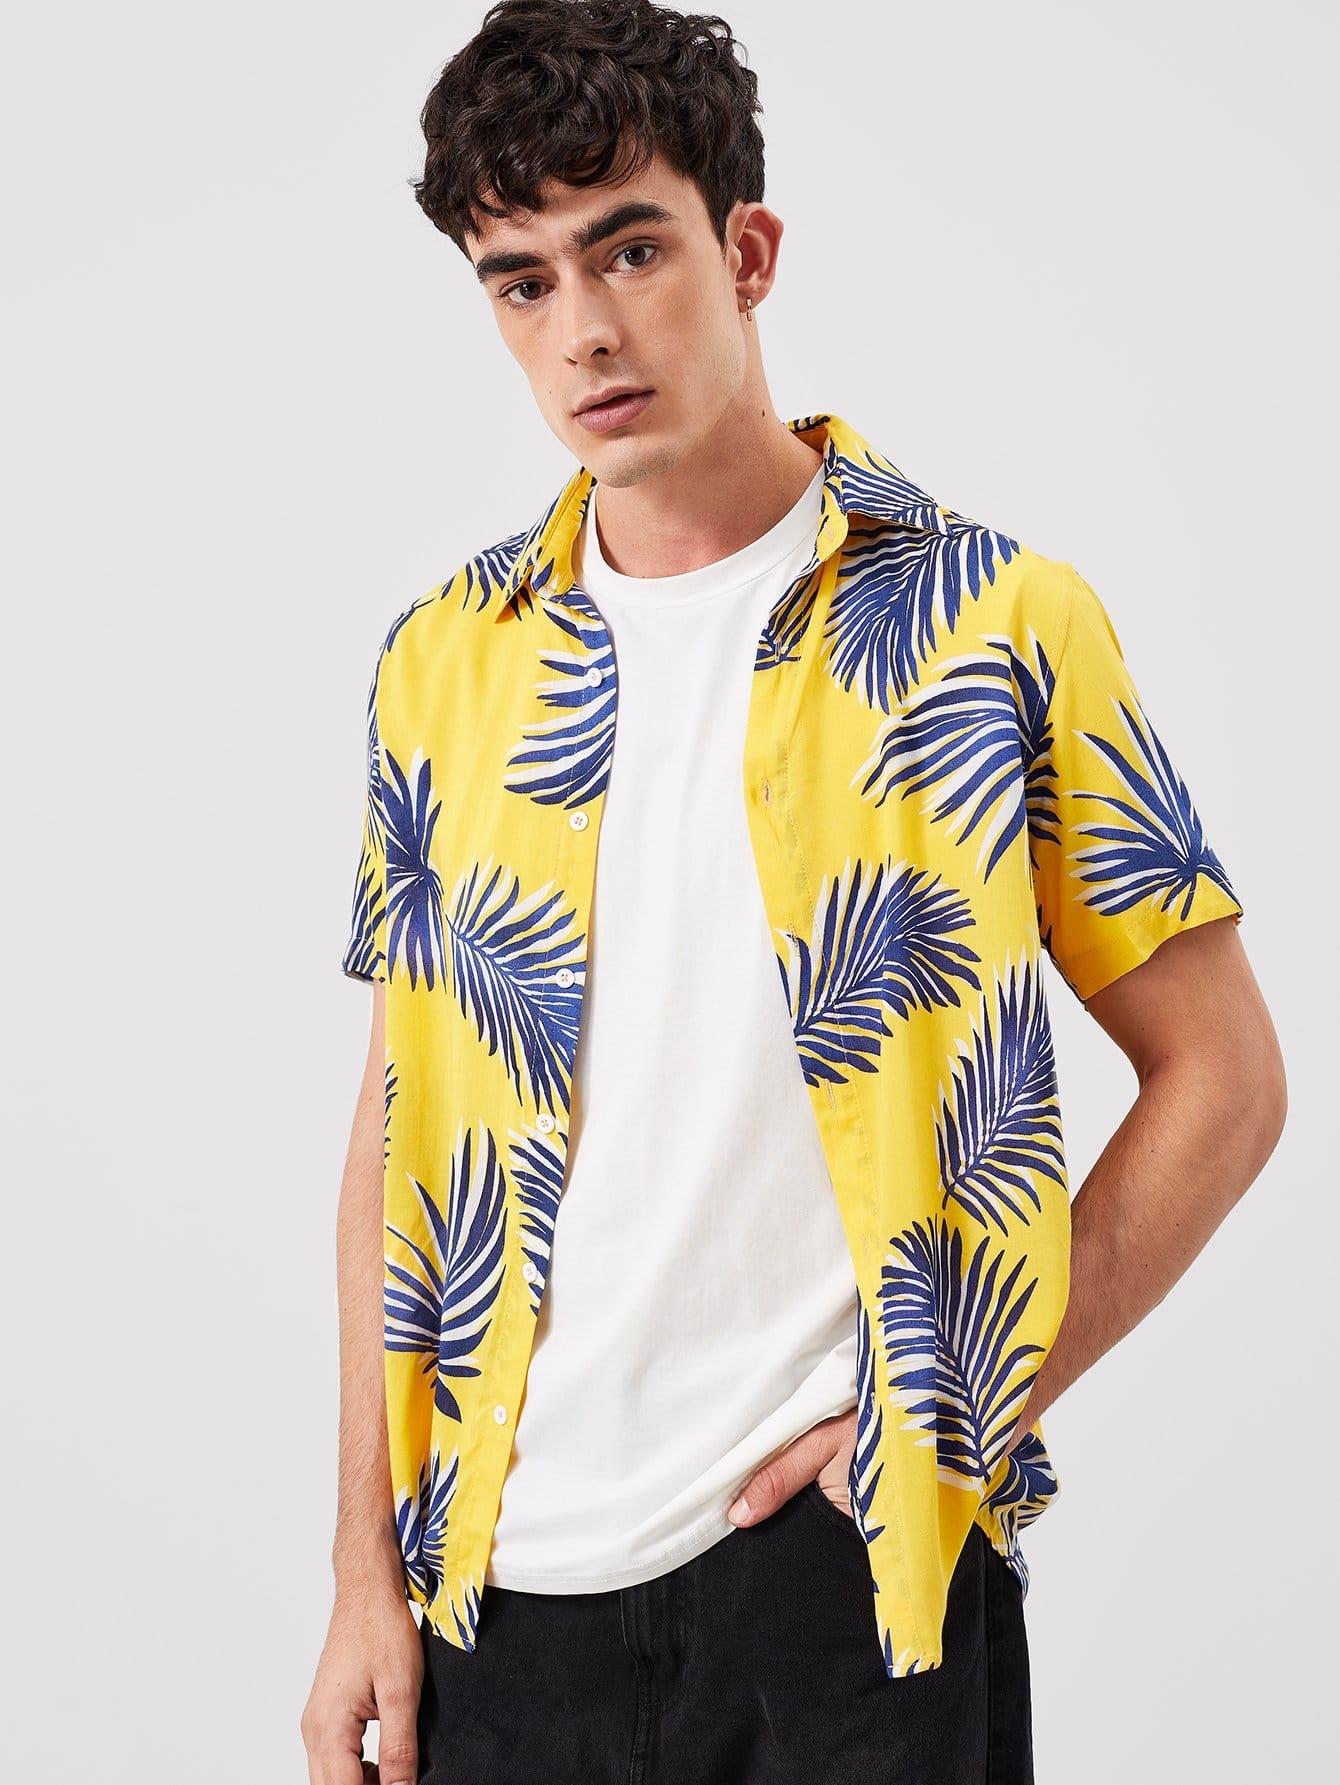 Купить Мужская футболка с принтом листьев пальмы, Antonio, SheIn